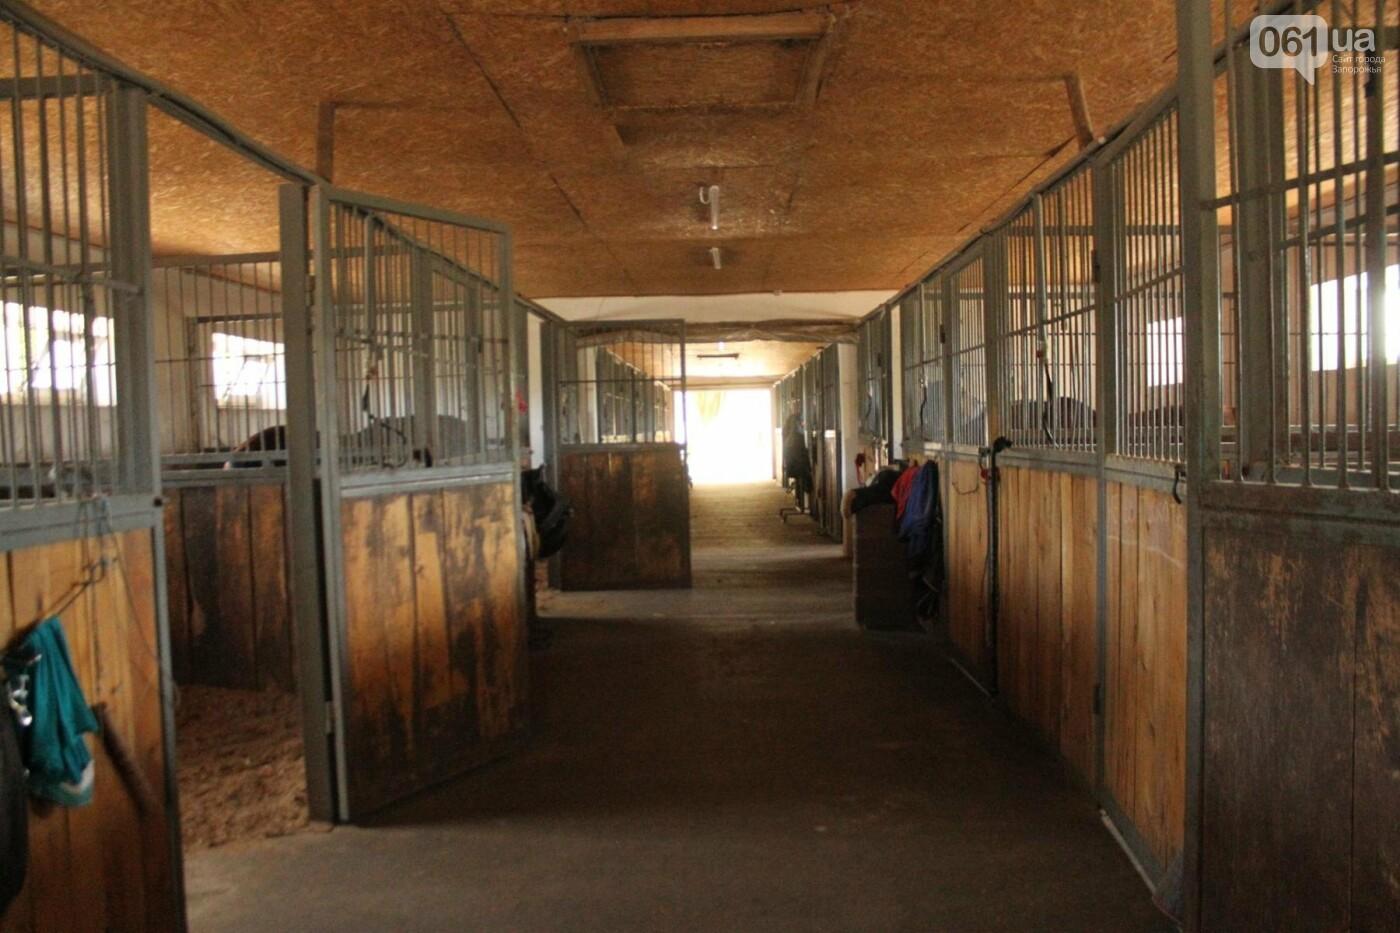 Незабываемое общение с лошадьми: экскурсия в конноспортивный клуб «Патриот», – ФОТОРЕПОРТАЖ, фото-6